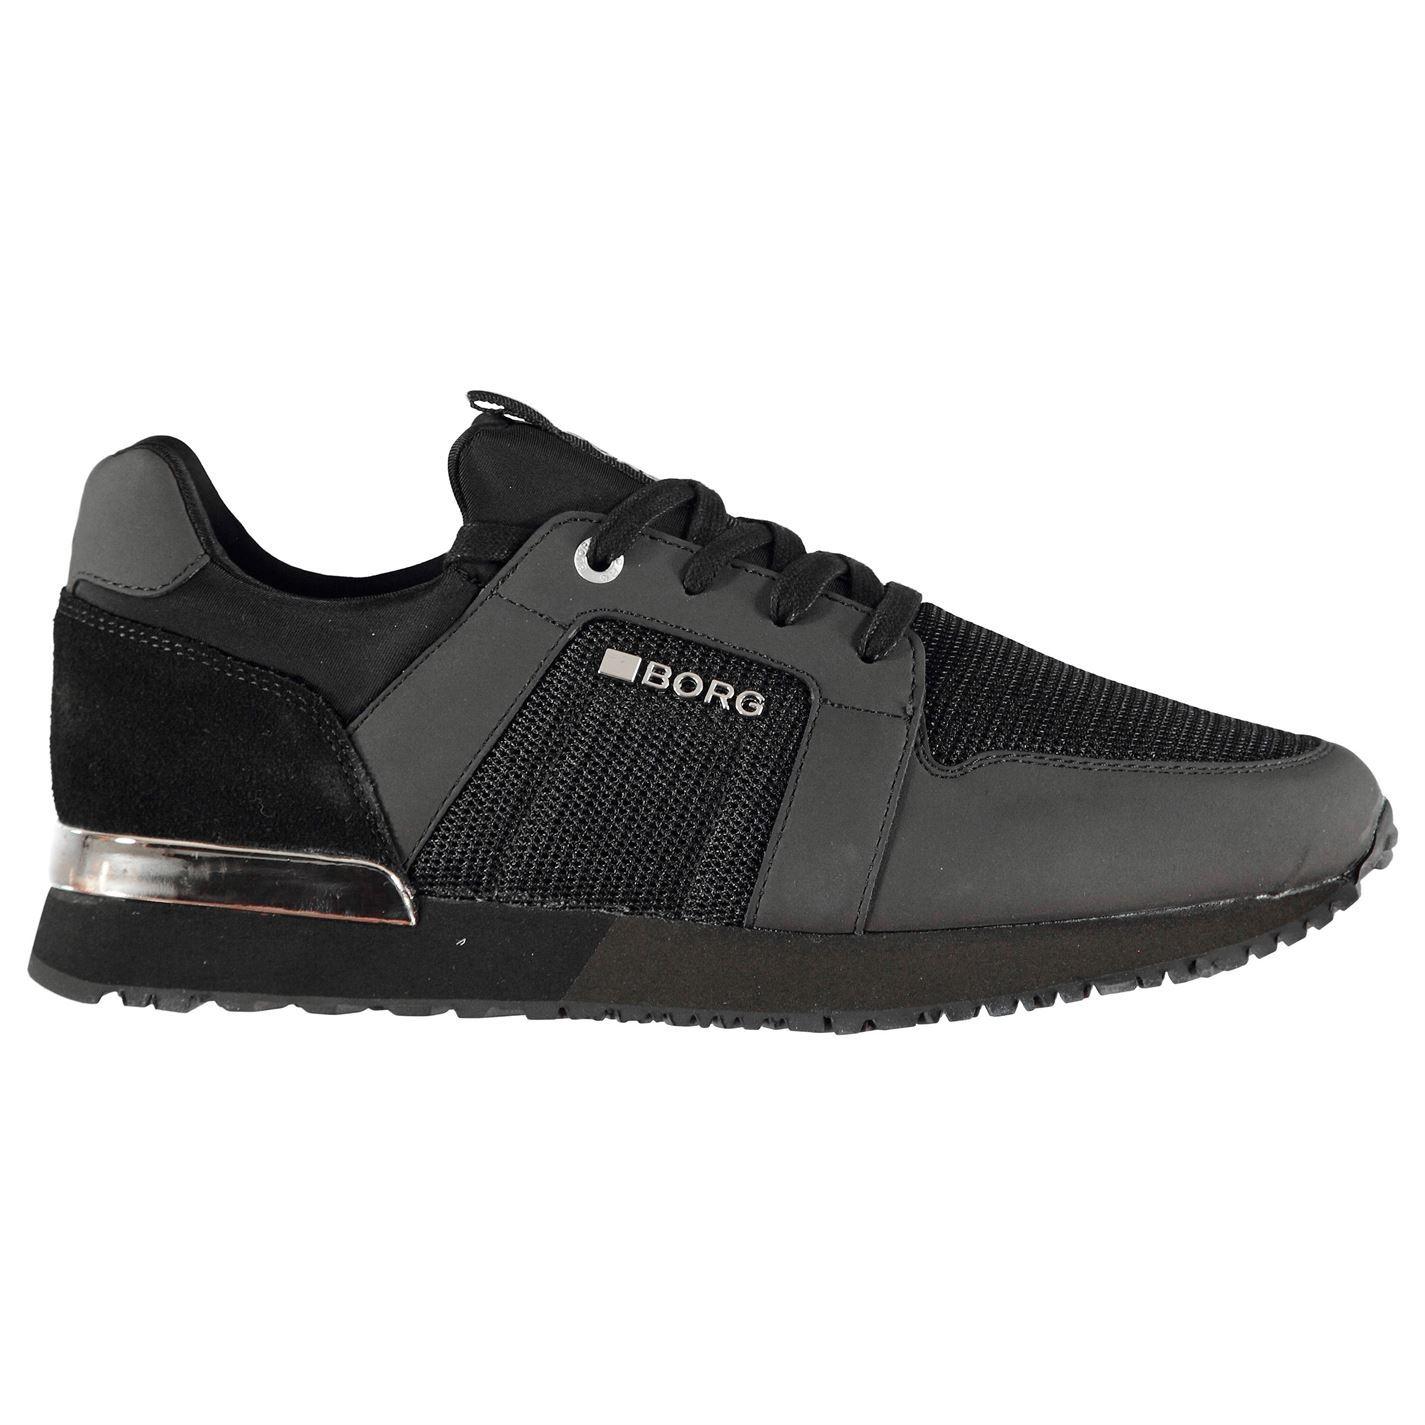 Bjorn Hommes Chaussures Basses Décontracté R700 Baskets Borg rqU1r